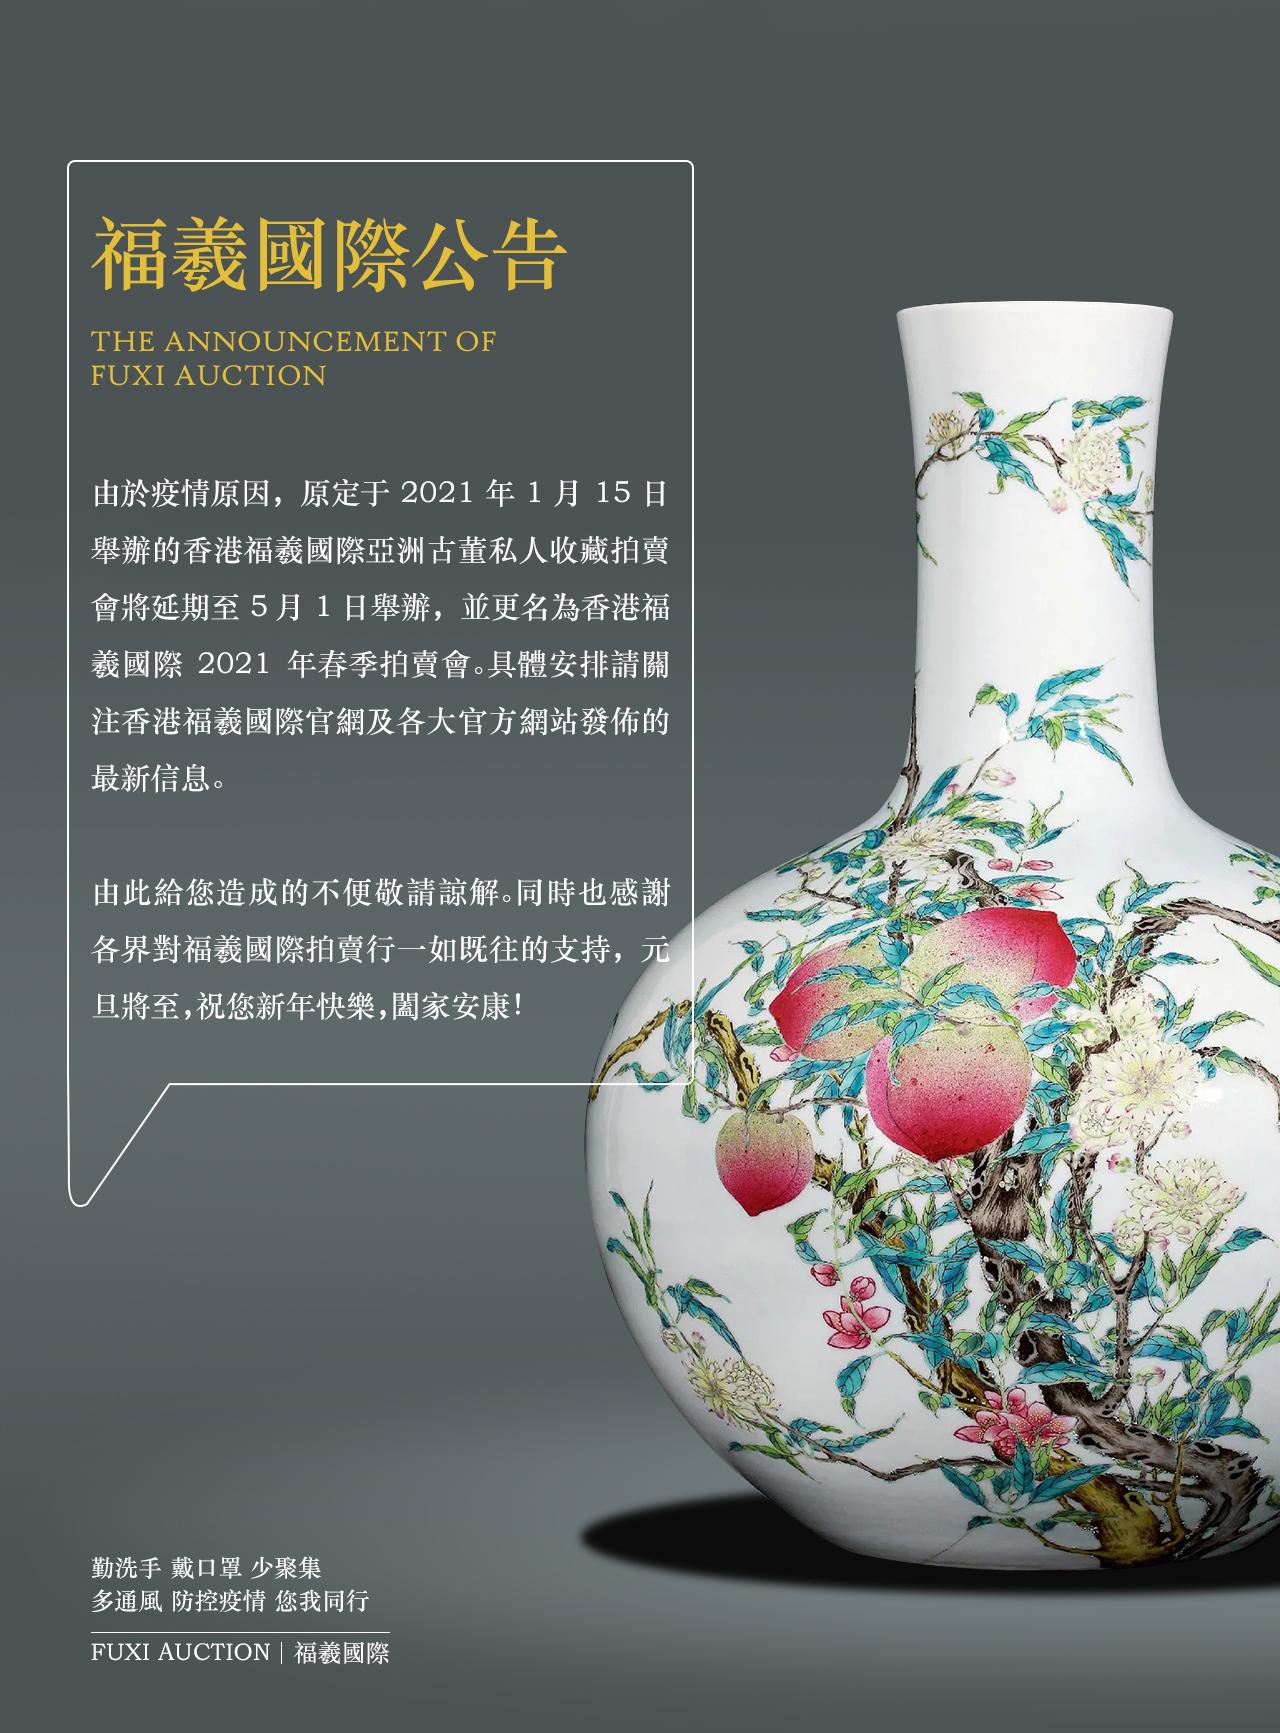 重要公告_|_福羲国际亚洲古董私人收藏拍卖会延期举办